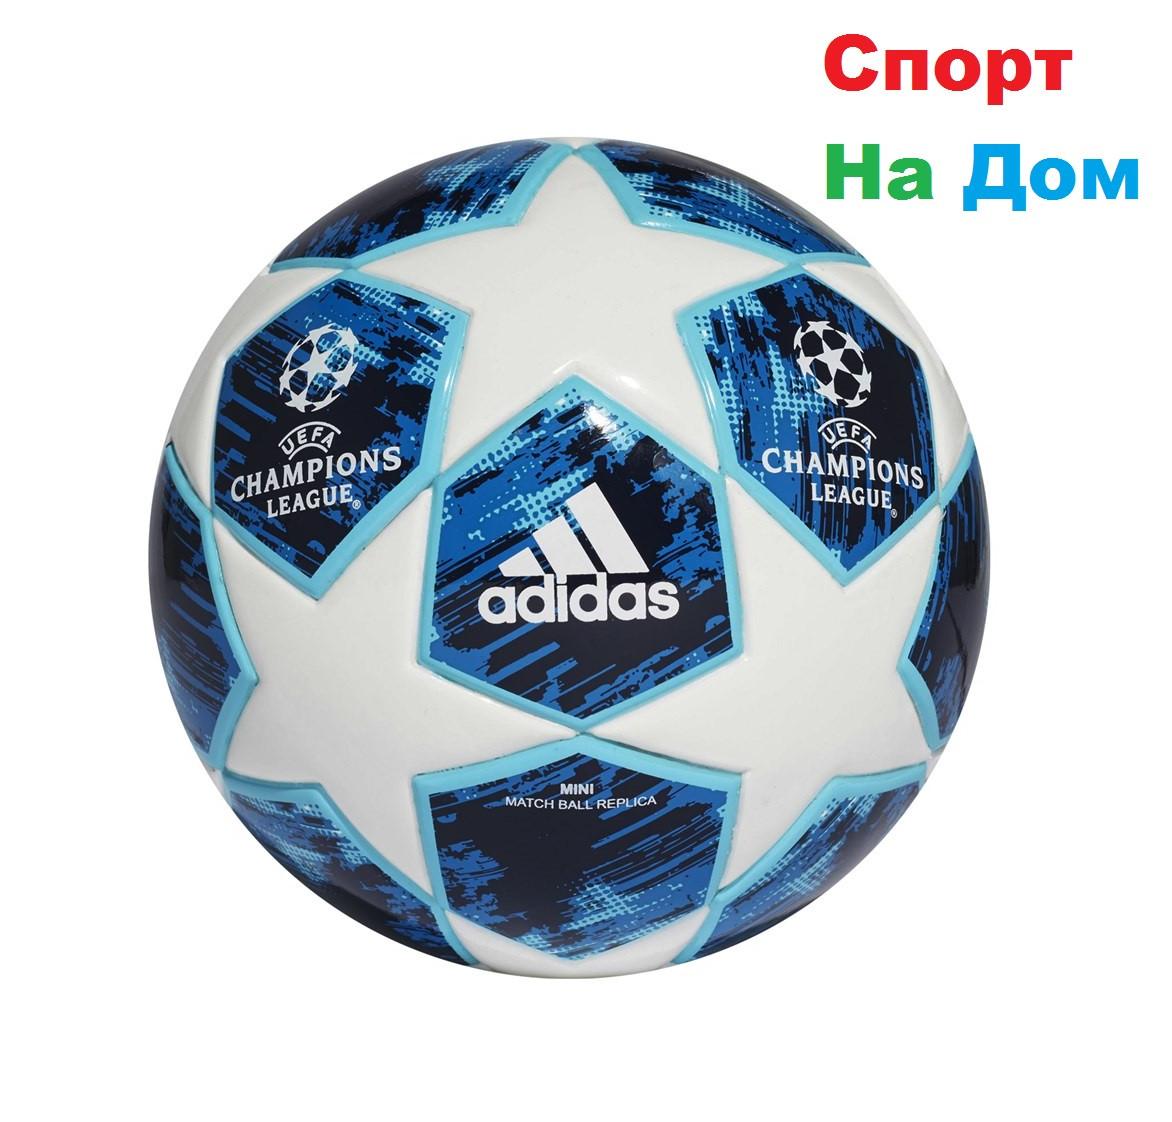 Футбольный мяч Адидас УЕФА Лига Чемпионов 2019